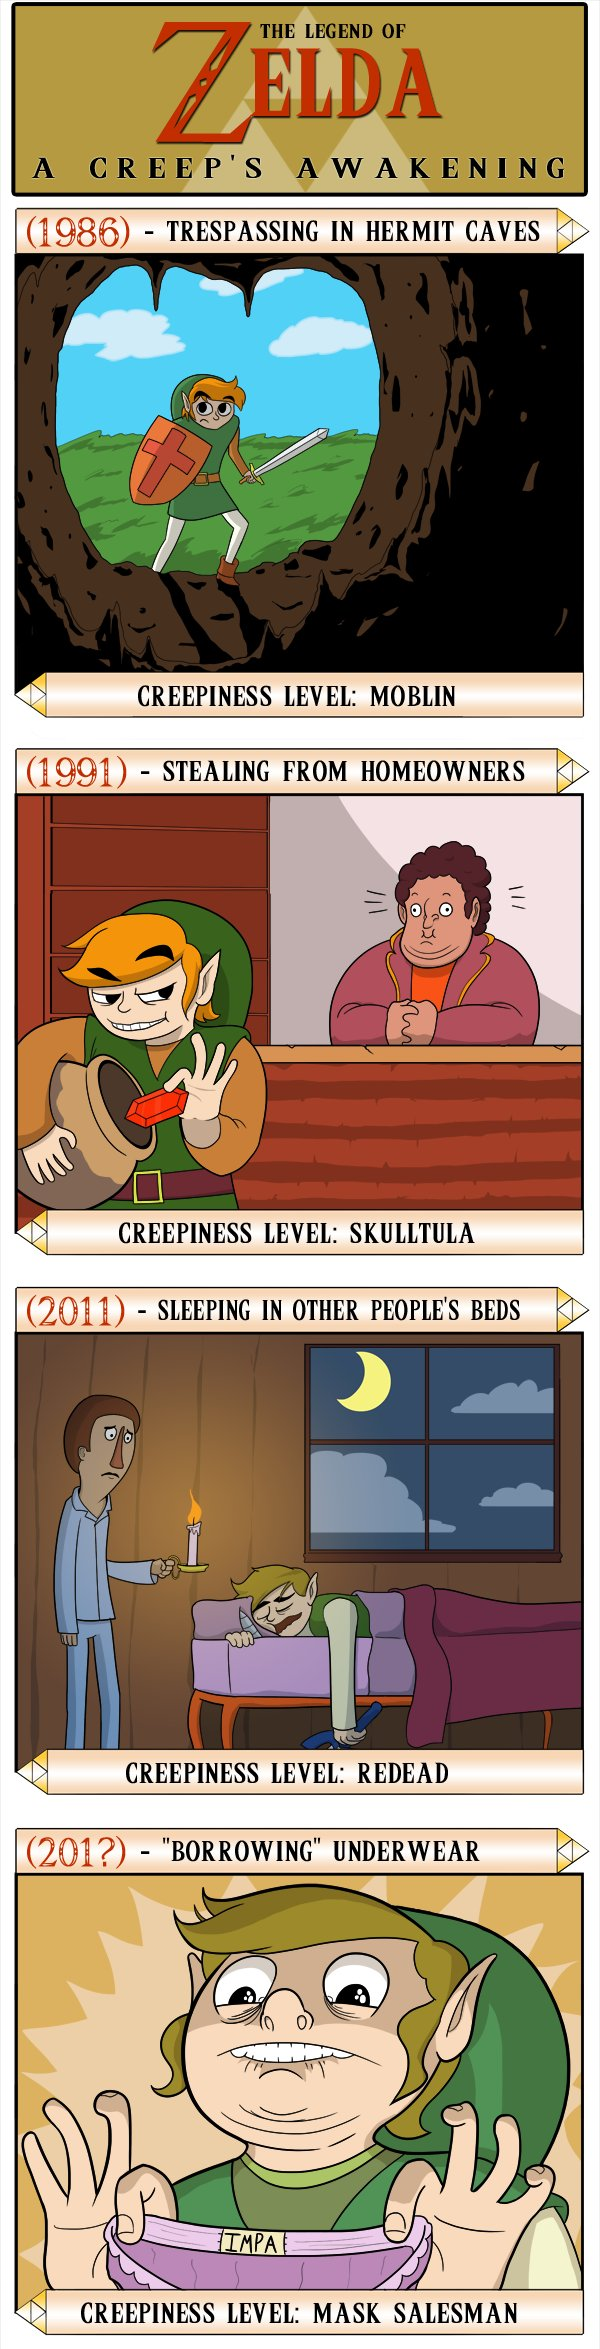 Poor Link, so misunderstood... Wait, he steals panties in